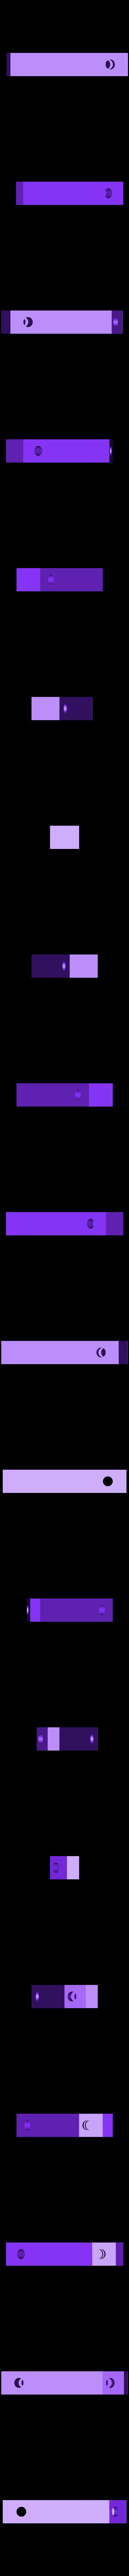 M6_CAPTIVE_TEST.stl Télécharger fichier STL gratuit Test CAPTIVE NUTS • Design imprimable en 3D, daGHIZmo